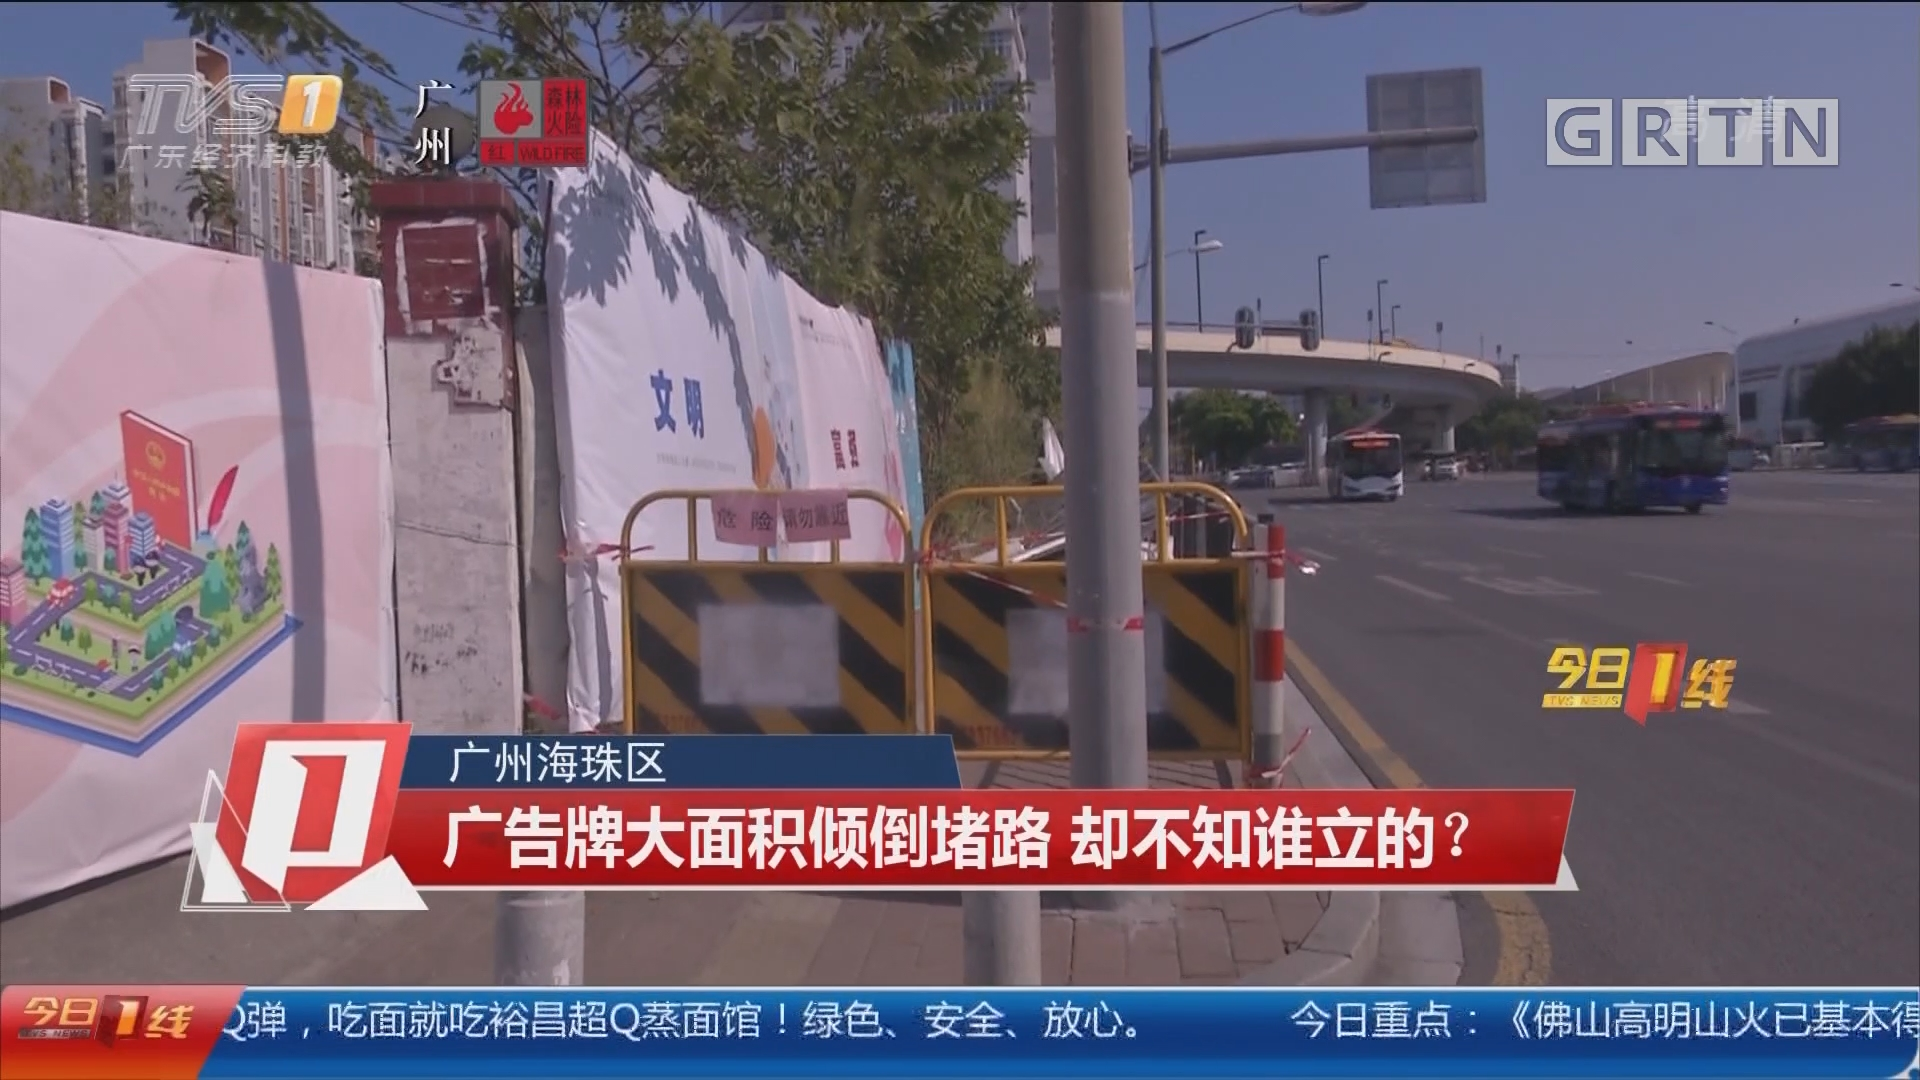 广州海珠区:广告牌大面积倾倒堵路 却不知谁立的?